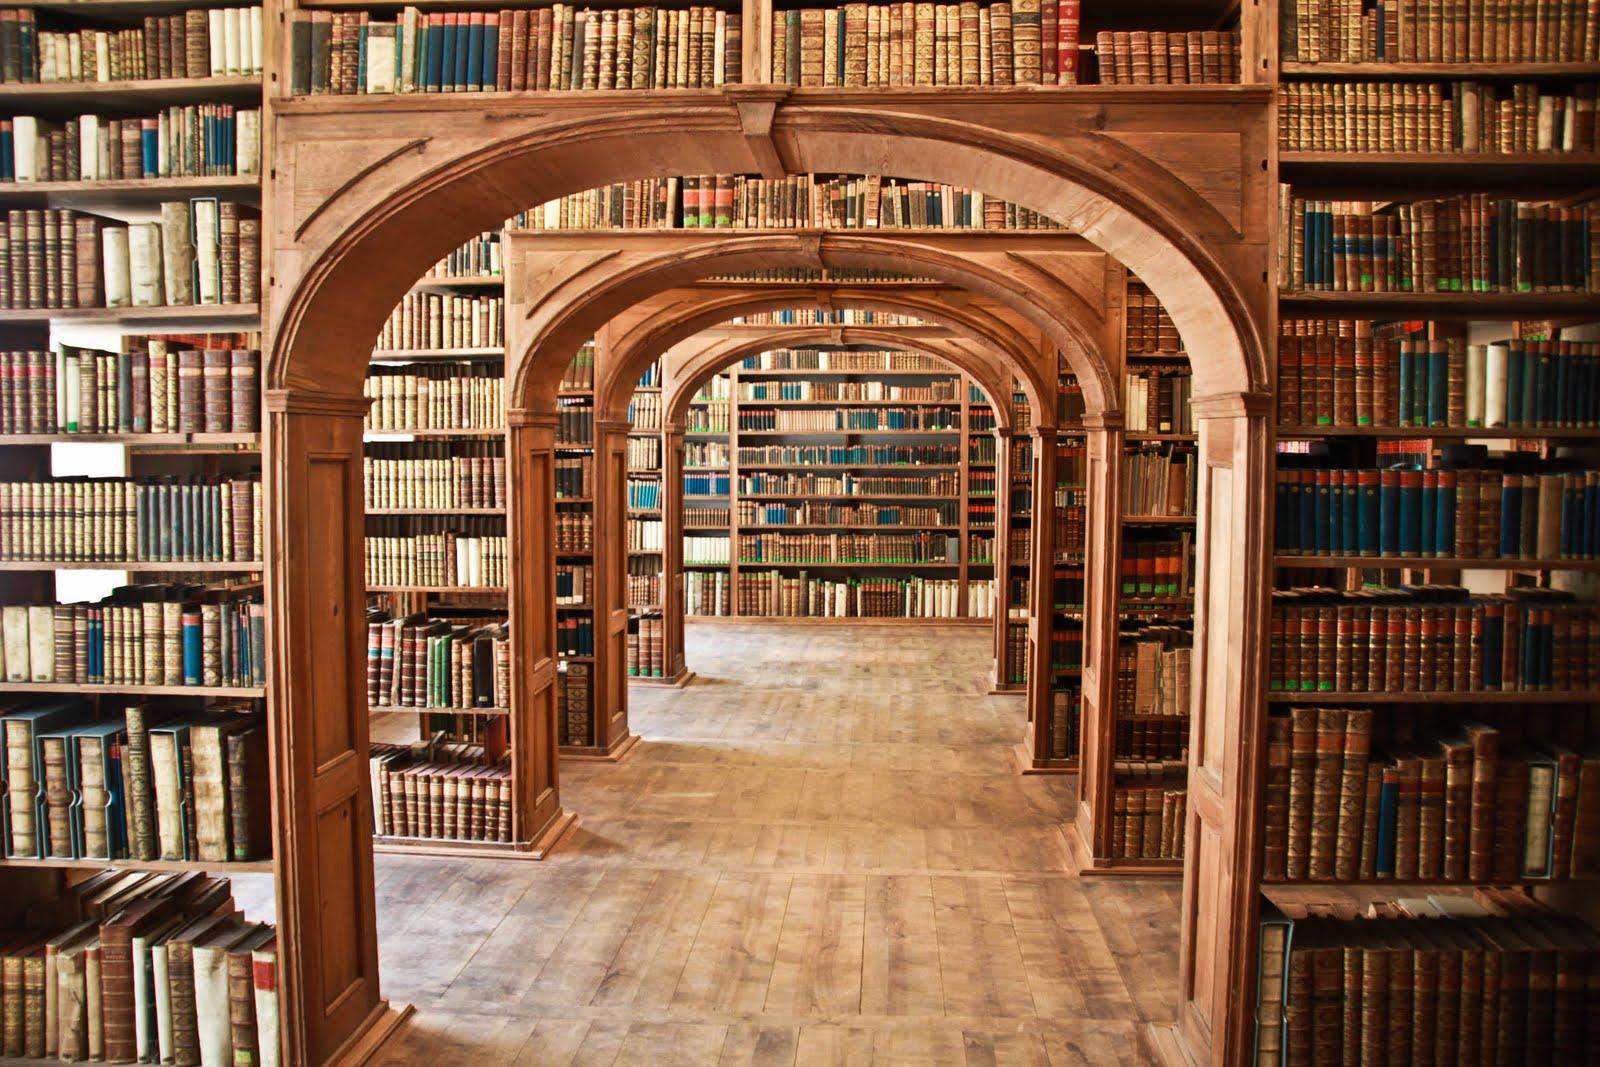 آیا مدیریت ارتباط با مشتری(سی آر ام) در کتابخانه ها کاربرد دارد؟